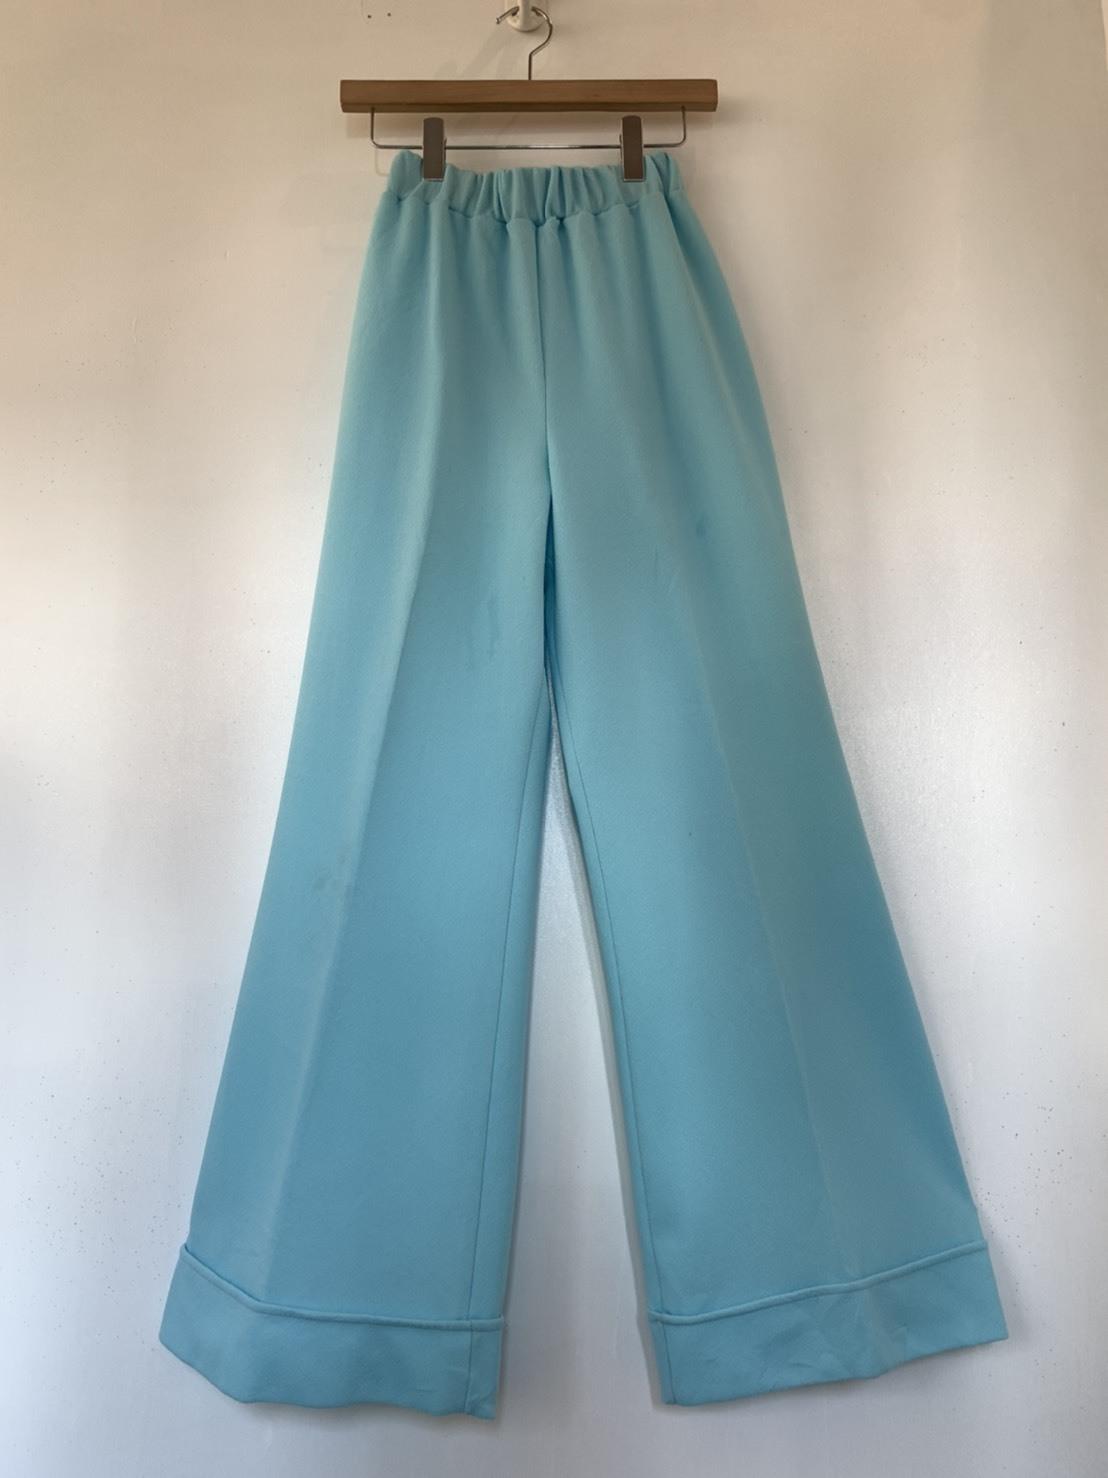 Vintage pantp